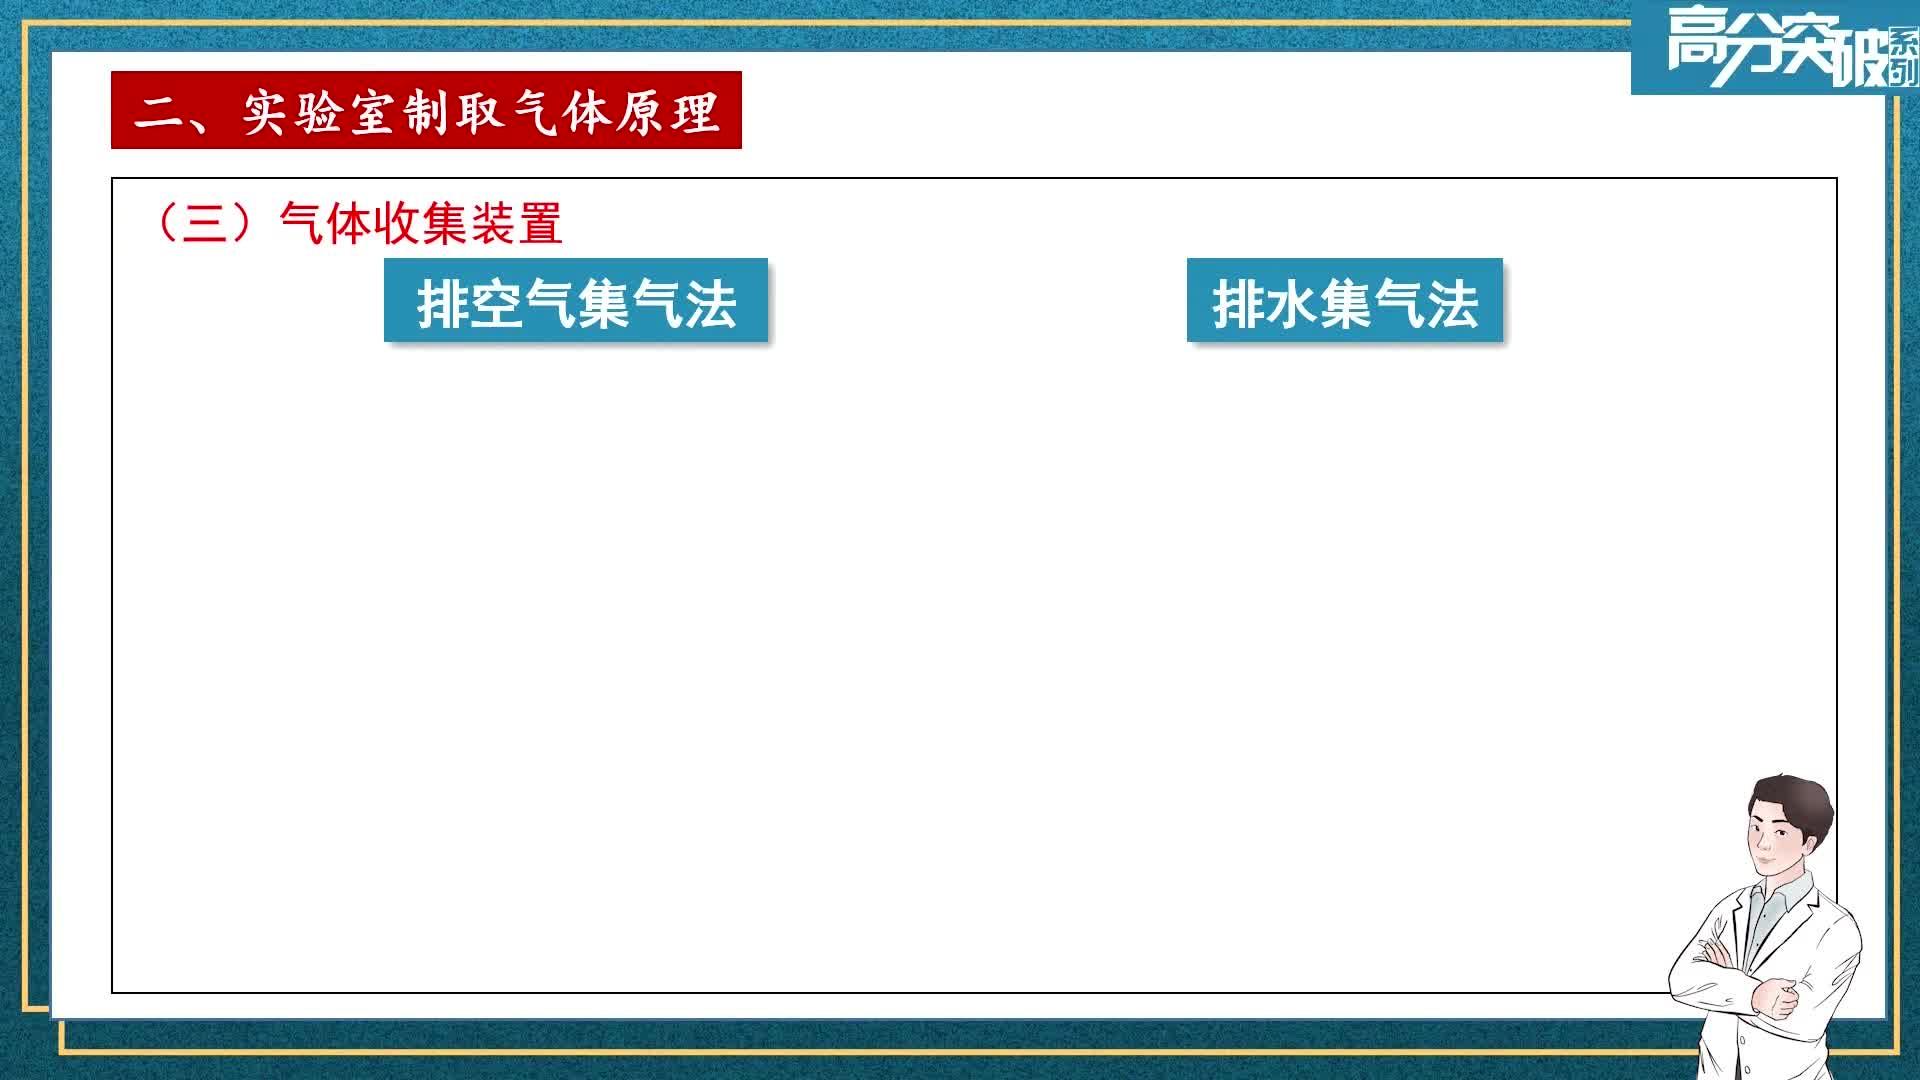 第八讲 【元素老师】 实验题之气体制取原理和题型-2021广东新中考【化学】备考攻略